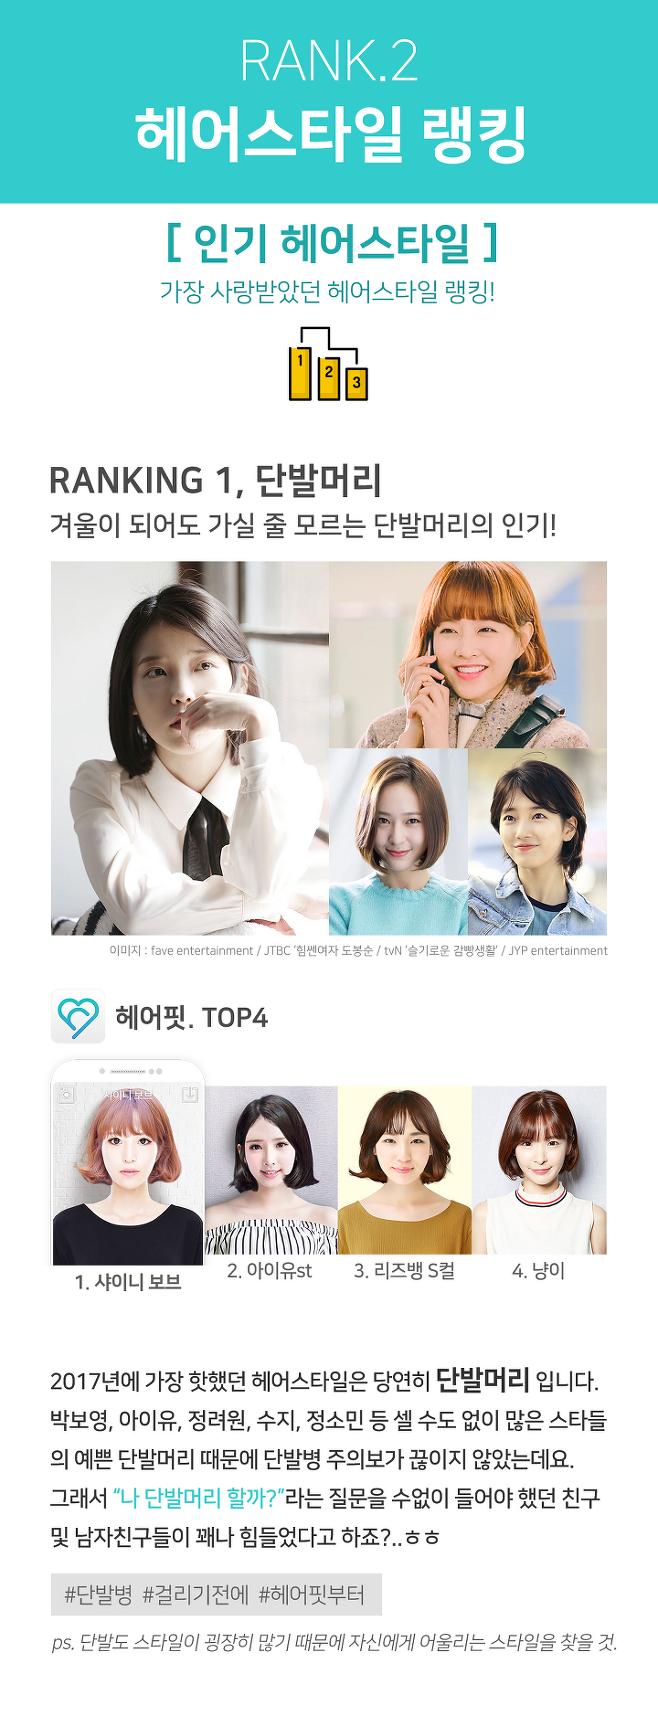 출처: fave entertainment / JTBC '힘쎈여자 도봉순 / tvN '슬기로운 감빵생활' / JYP entertainment